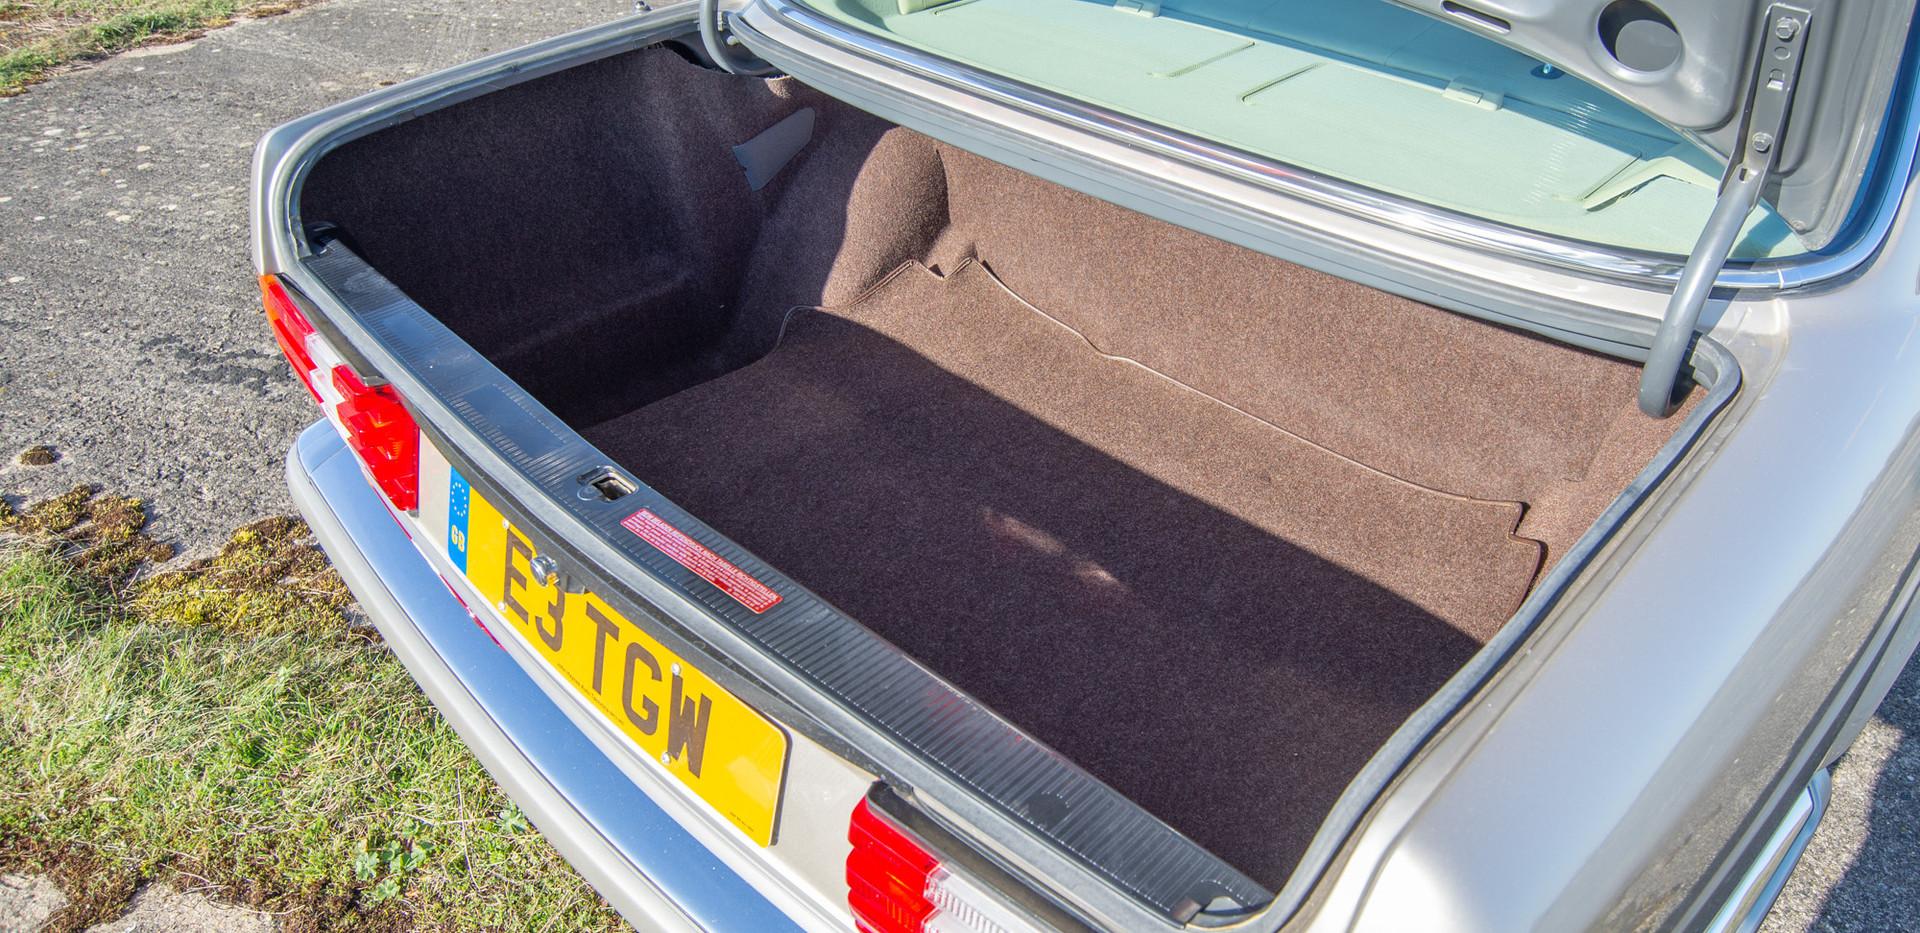 W126 420SEL E3TGW For Sale London-31.jpg